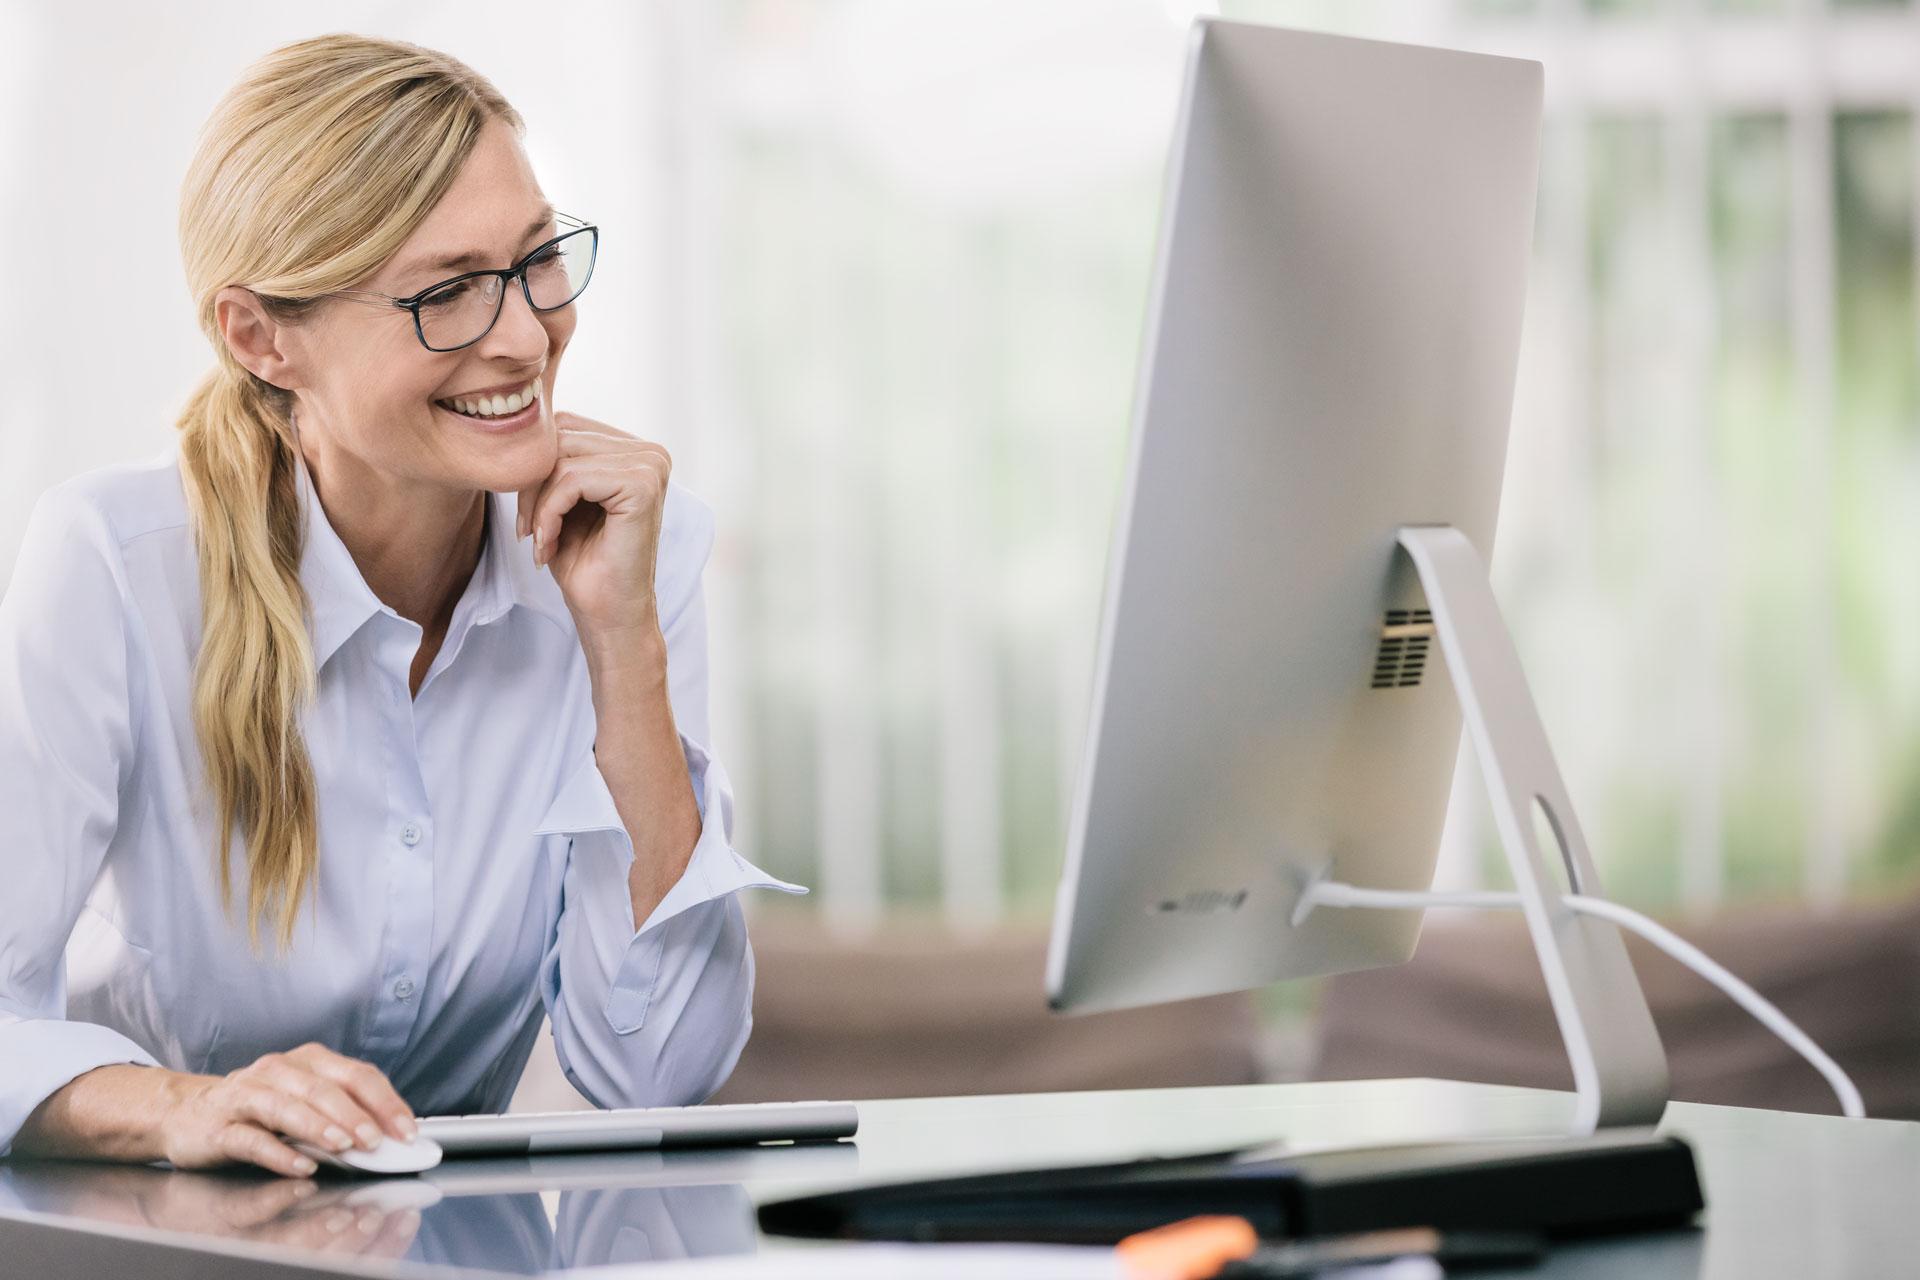 szemüveg a látáshoz és a számítógéphez